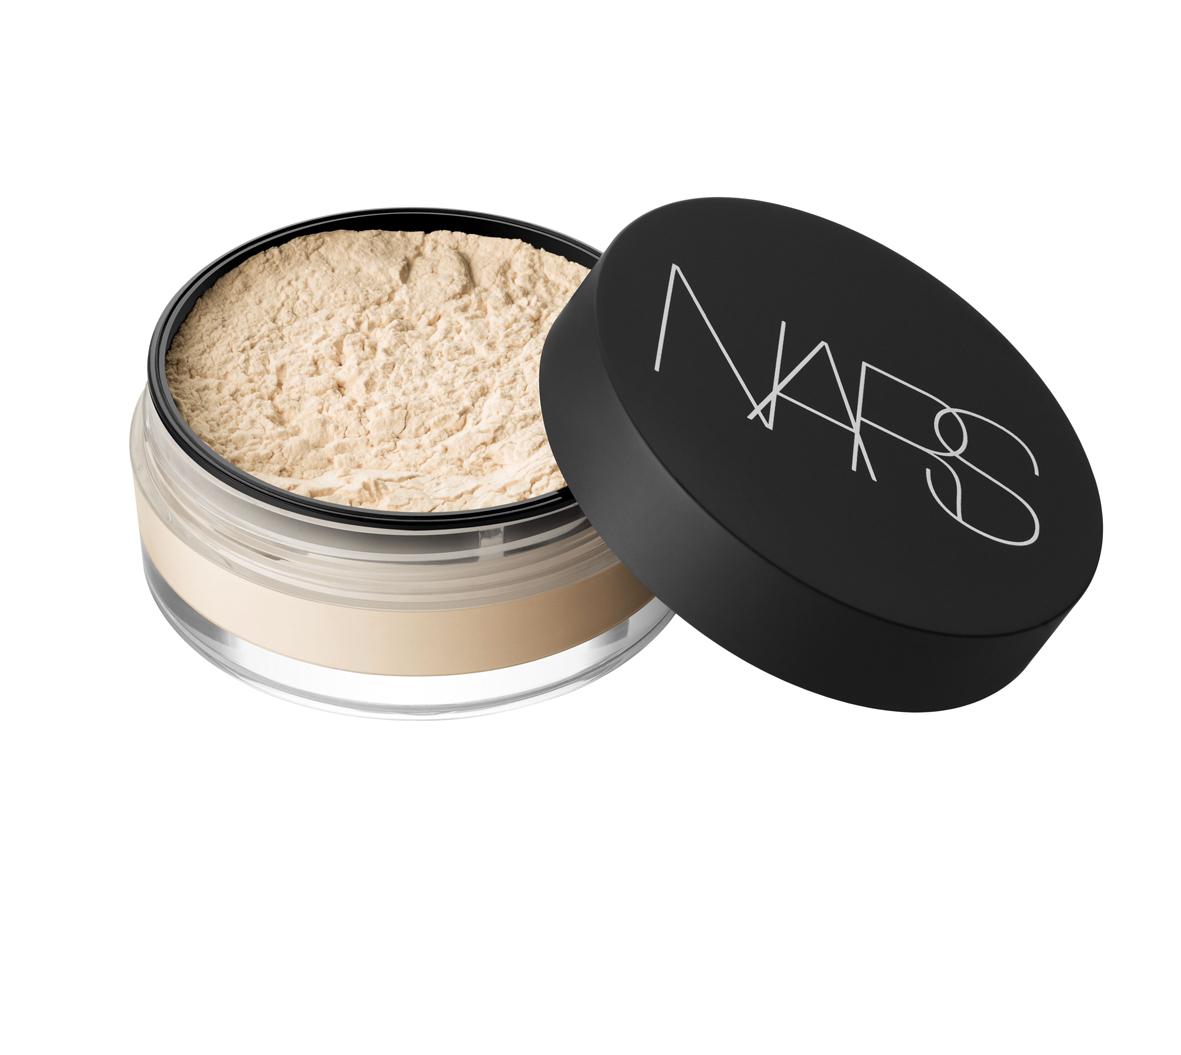 NARS Soft Velvet Loose Powder Flesh.